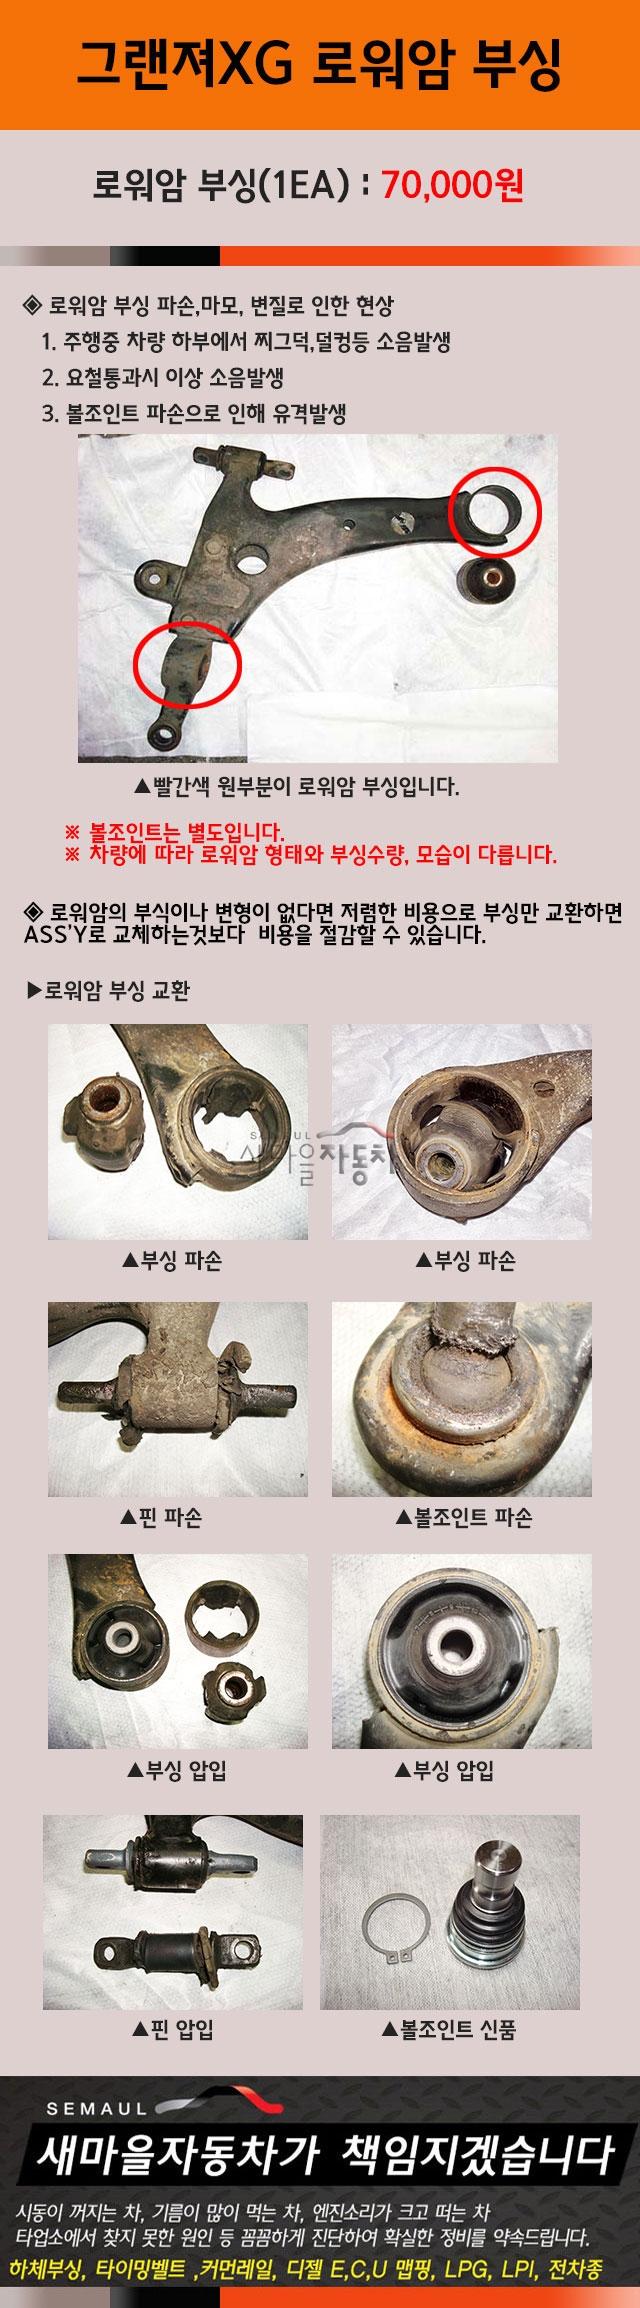 xg-로워암-최종.jpg